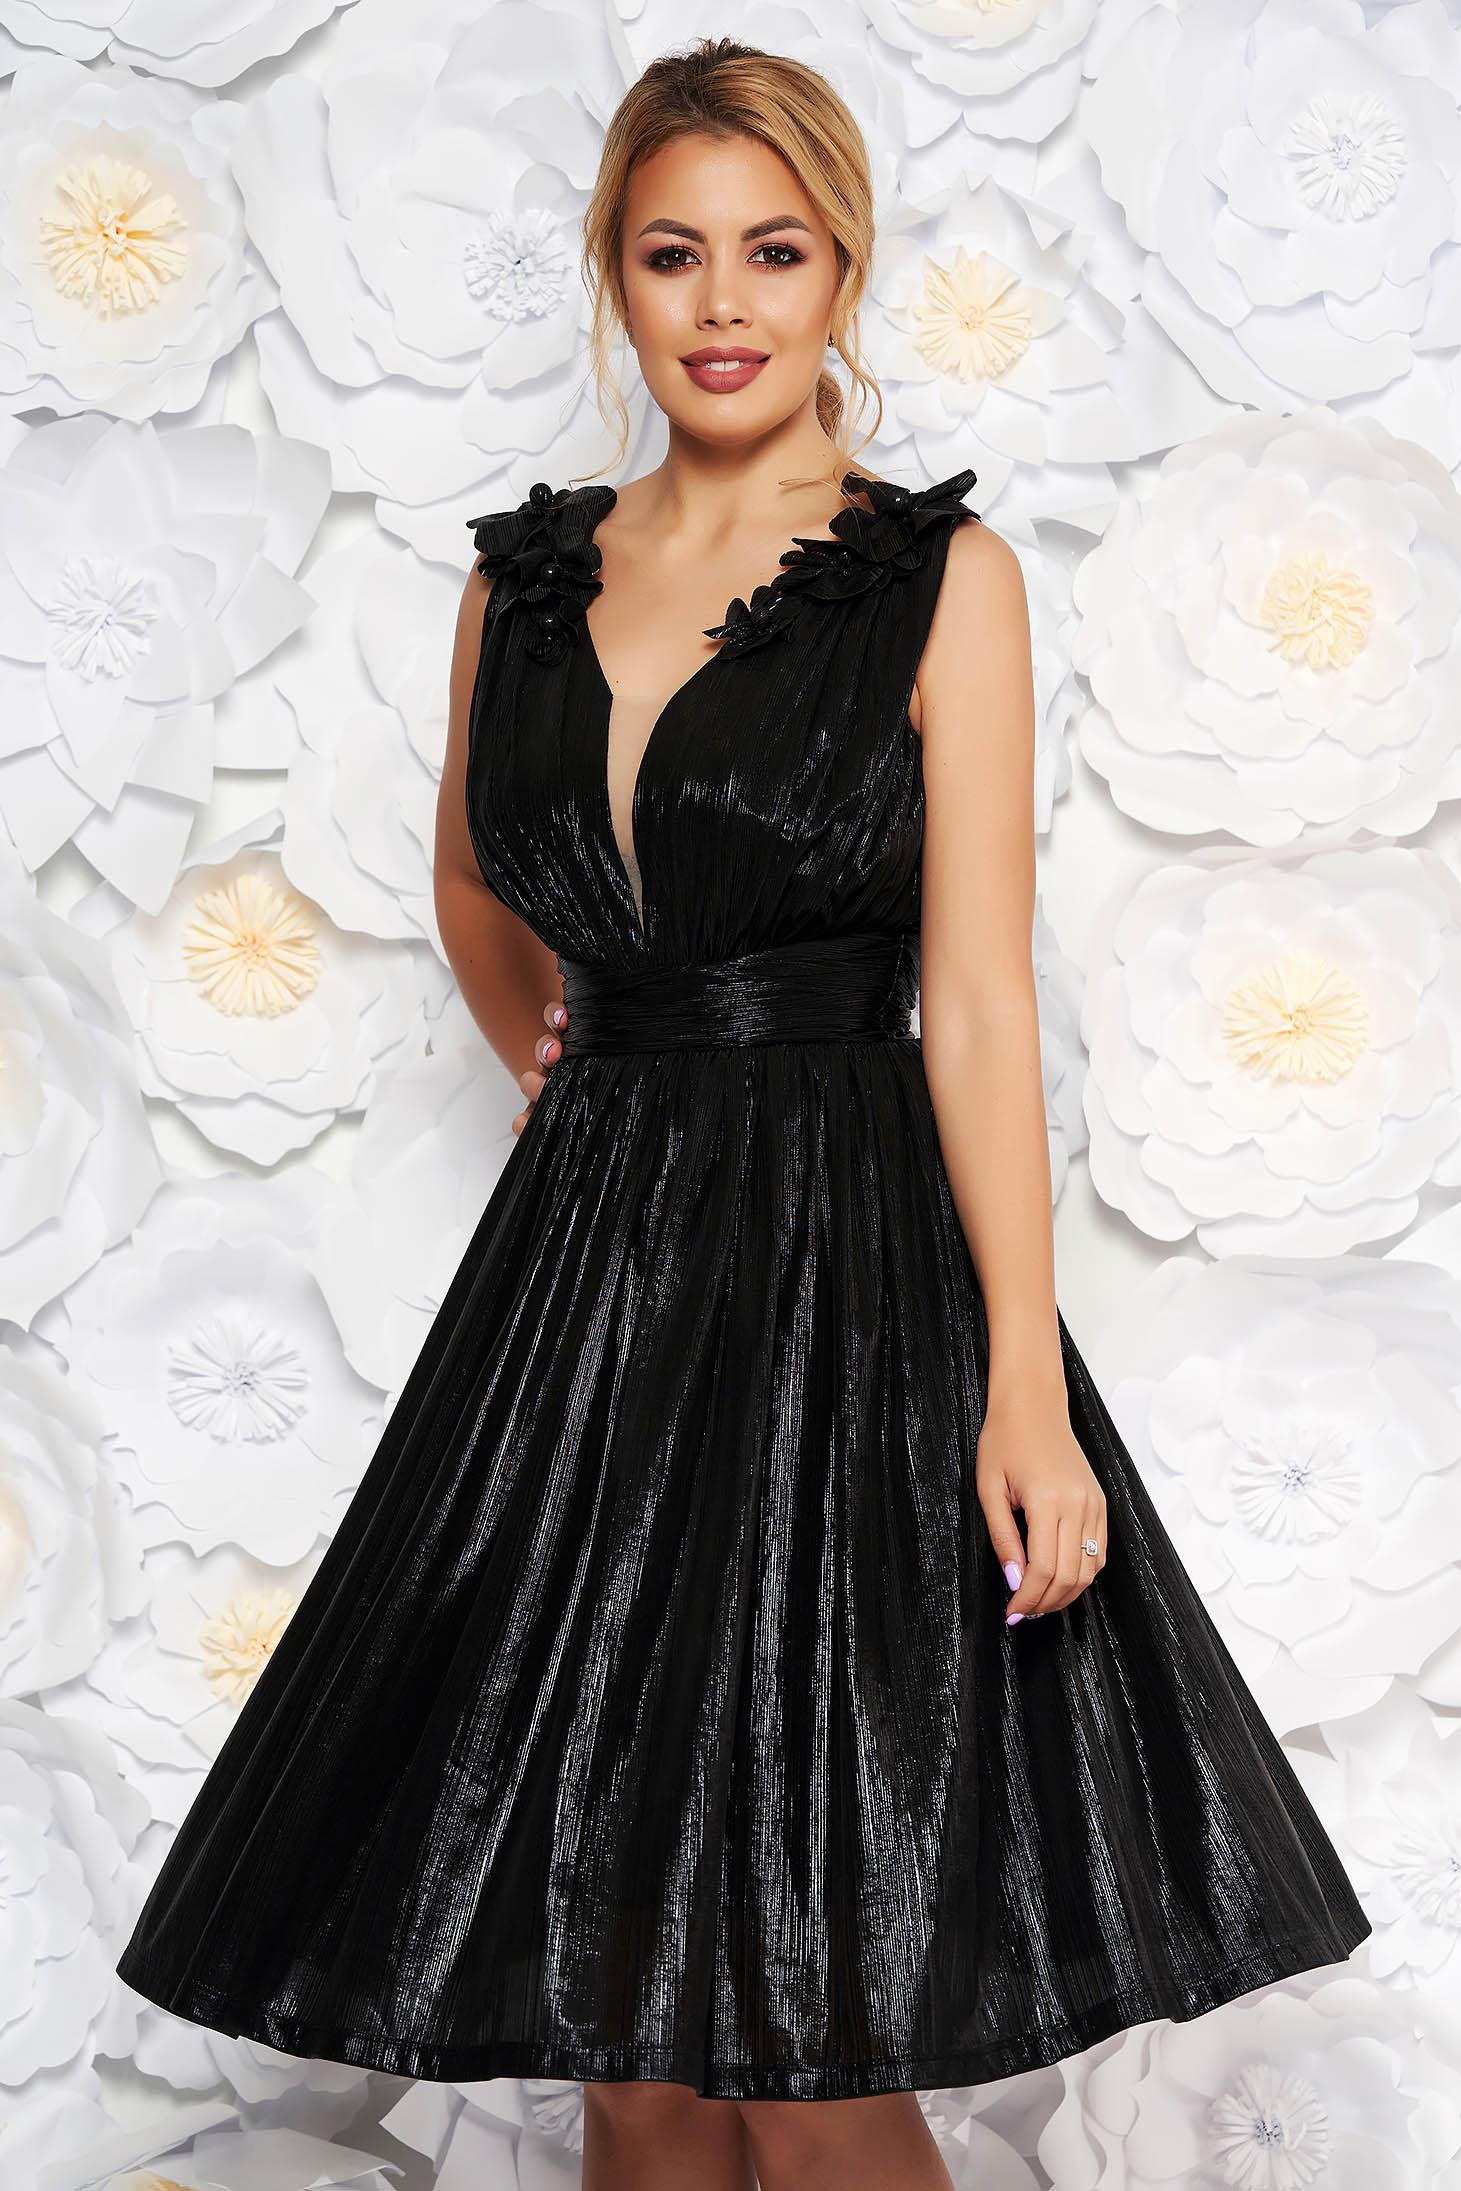 d18da414e1 Fekete LaDonna alkalmi harang ruha v-dekoltázzsal fényes anyag virágos  díszekkel